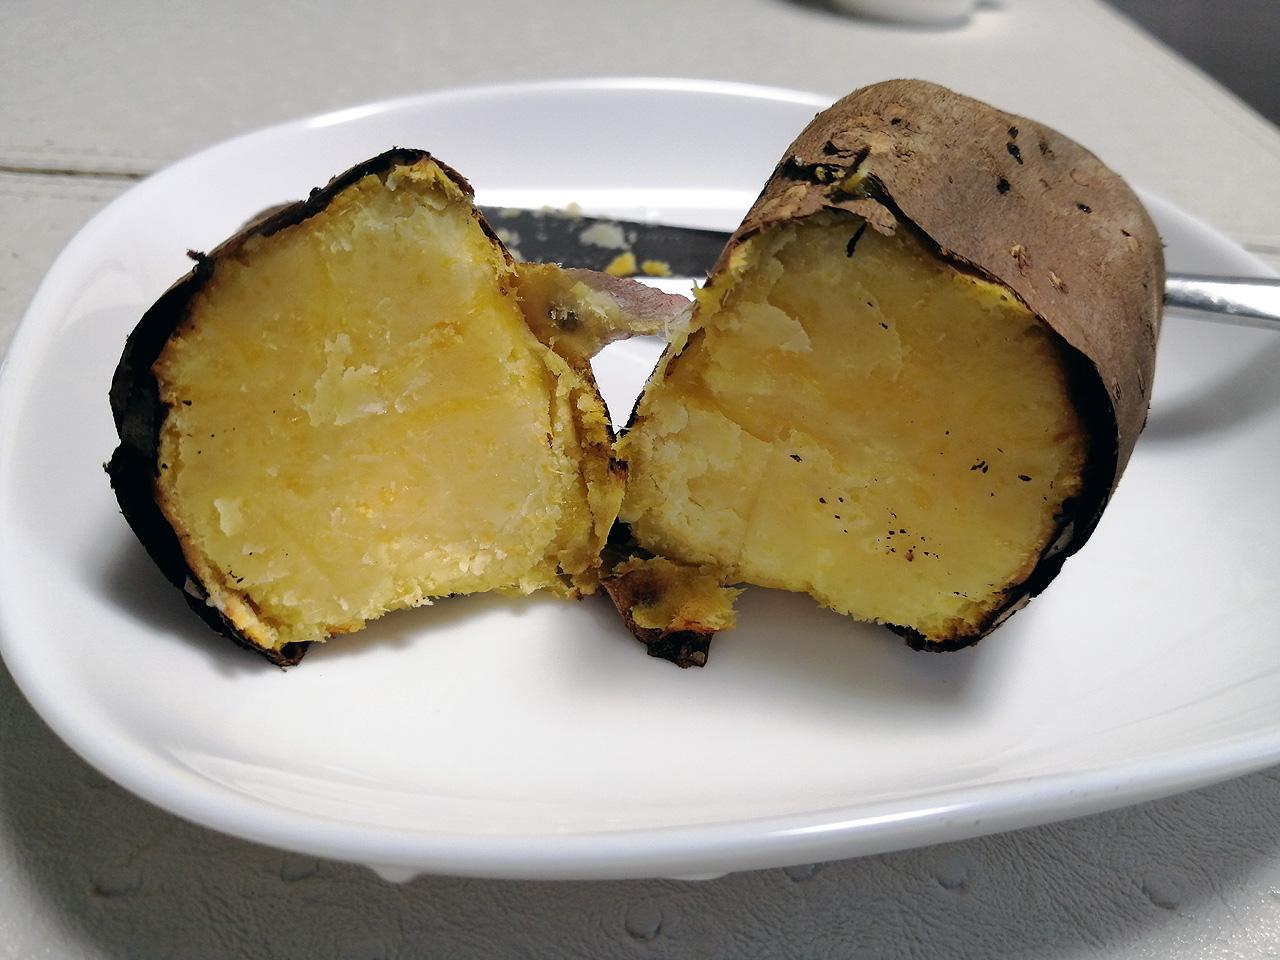 完成した焼き芋